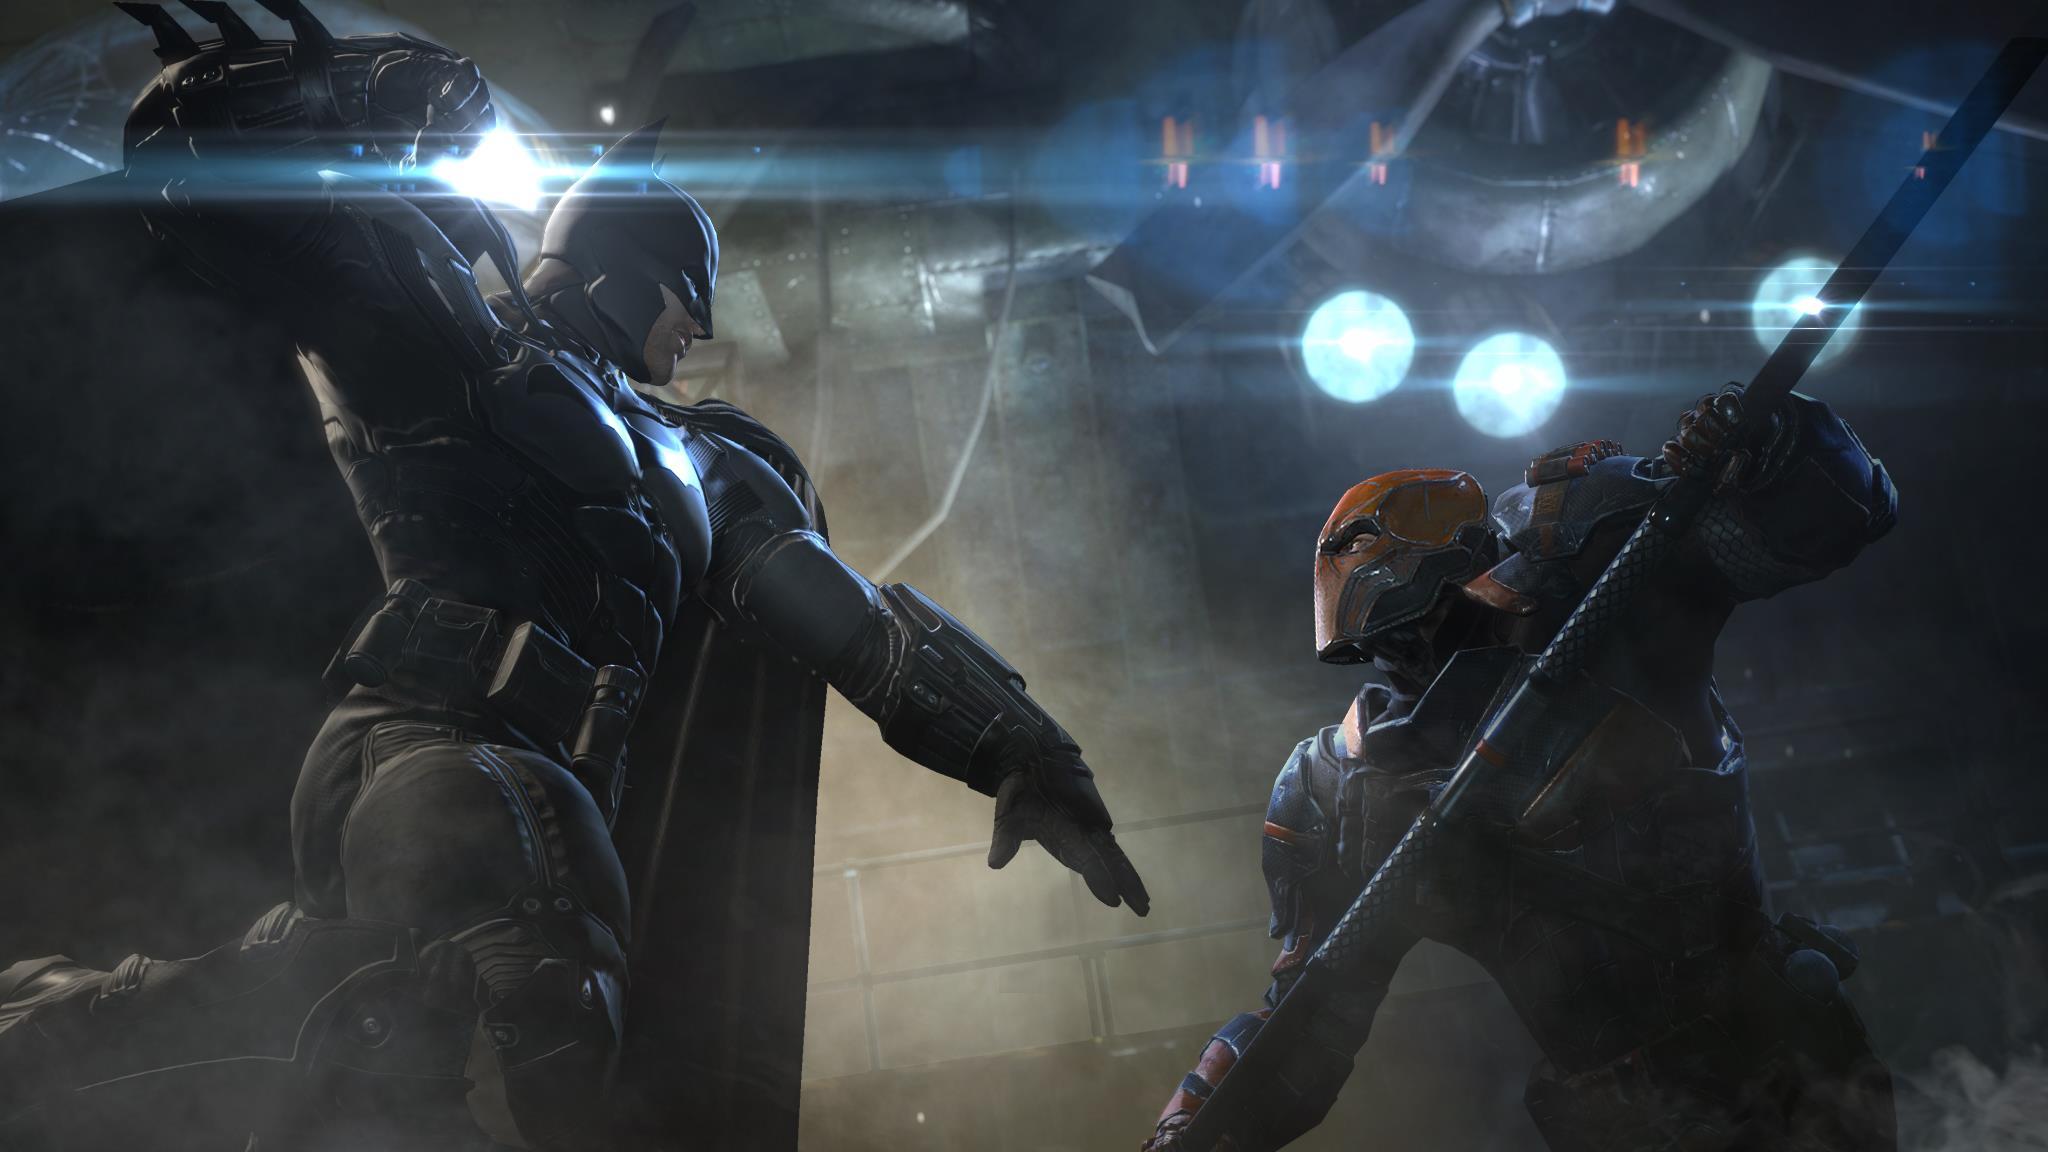 Warner Bros. Games Montreal seemingly teasing new Batman game announcement